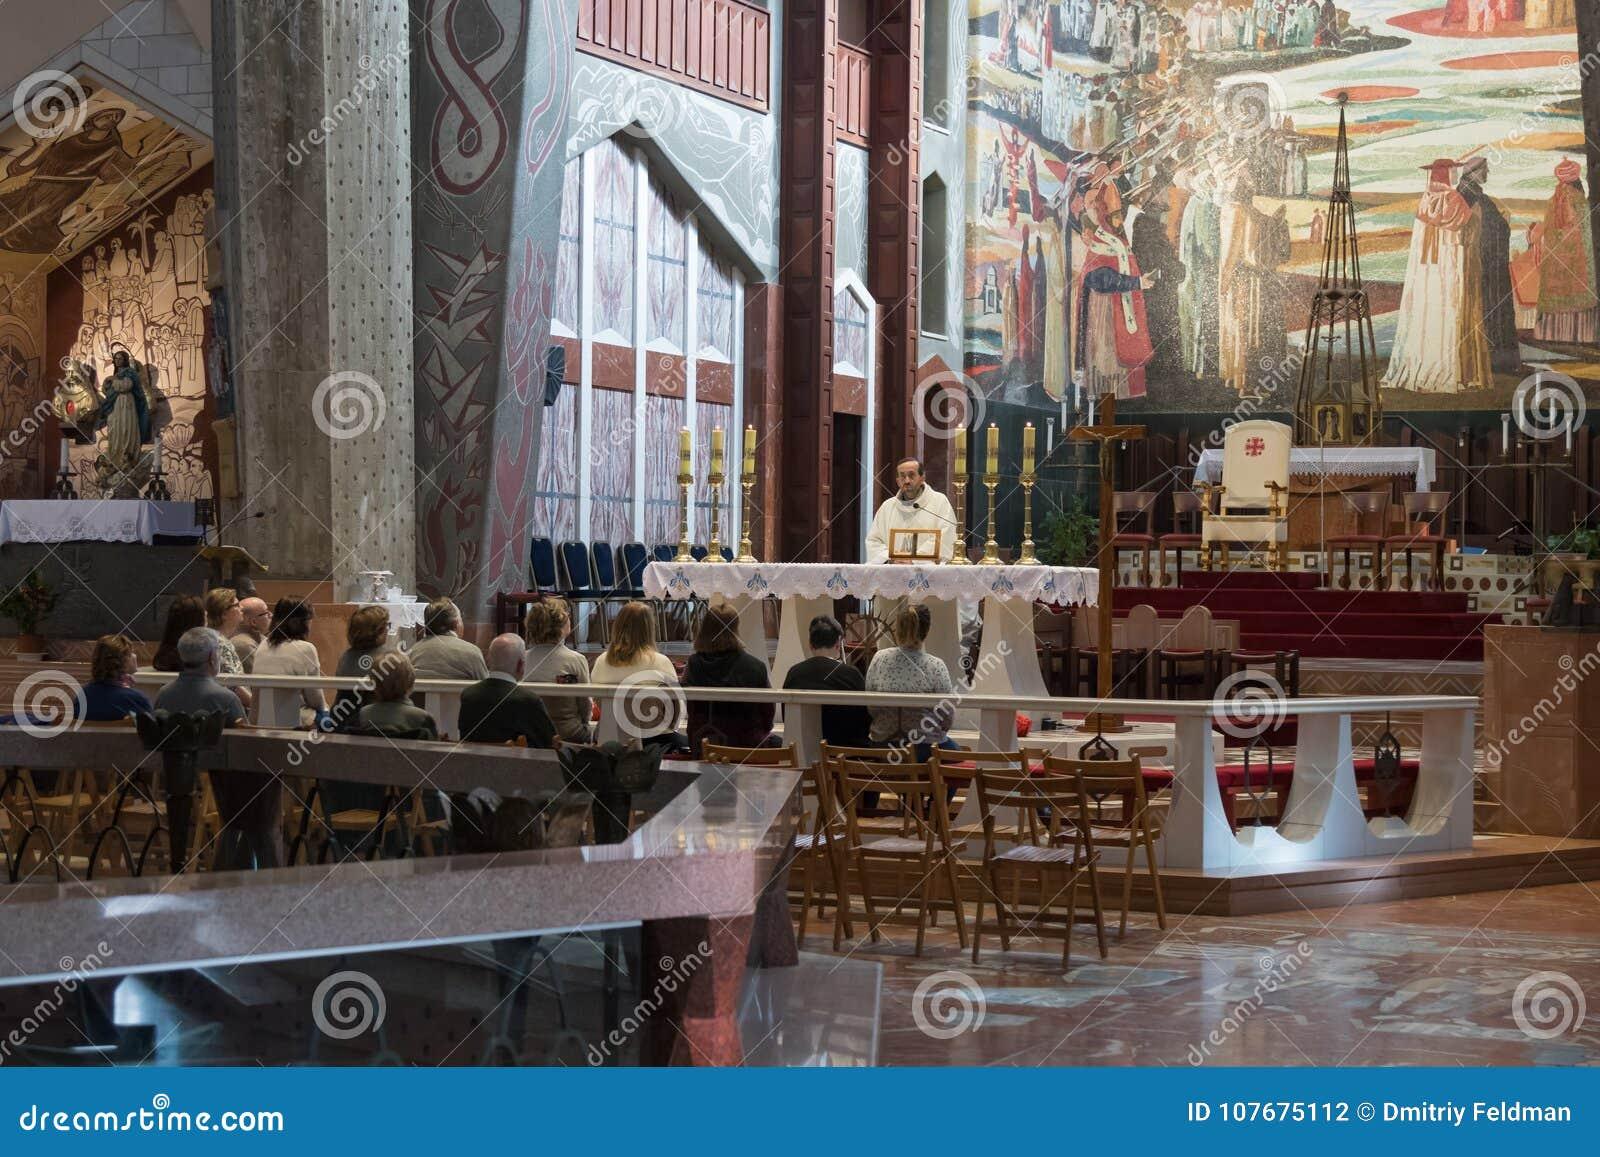 Le moine lit une prière aux paroissiens dans la basilique de l annonce dans la vieille ville de Nazareth en Israël